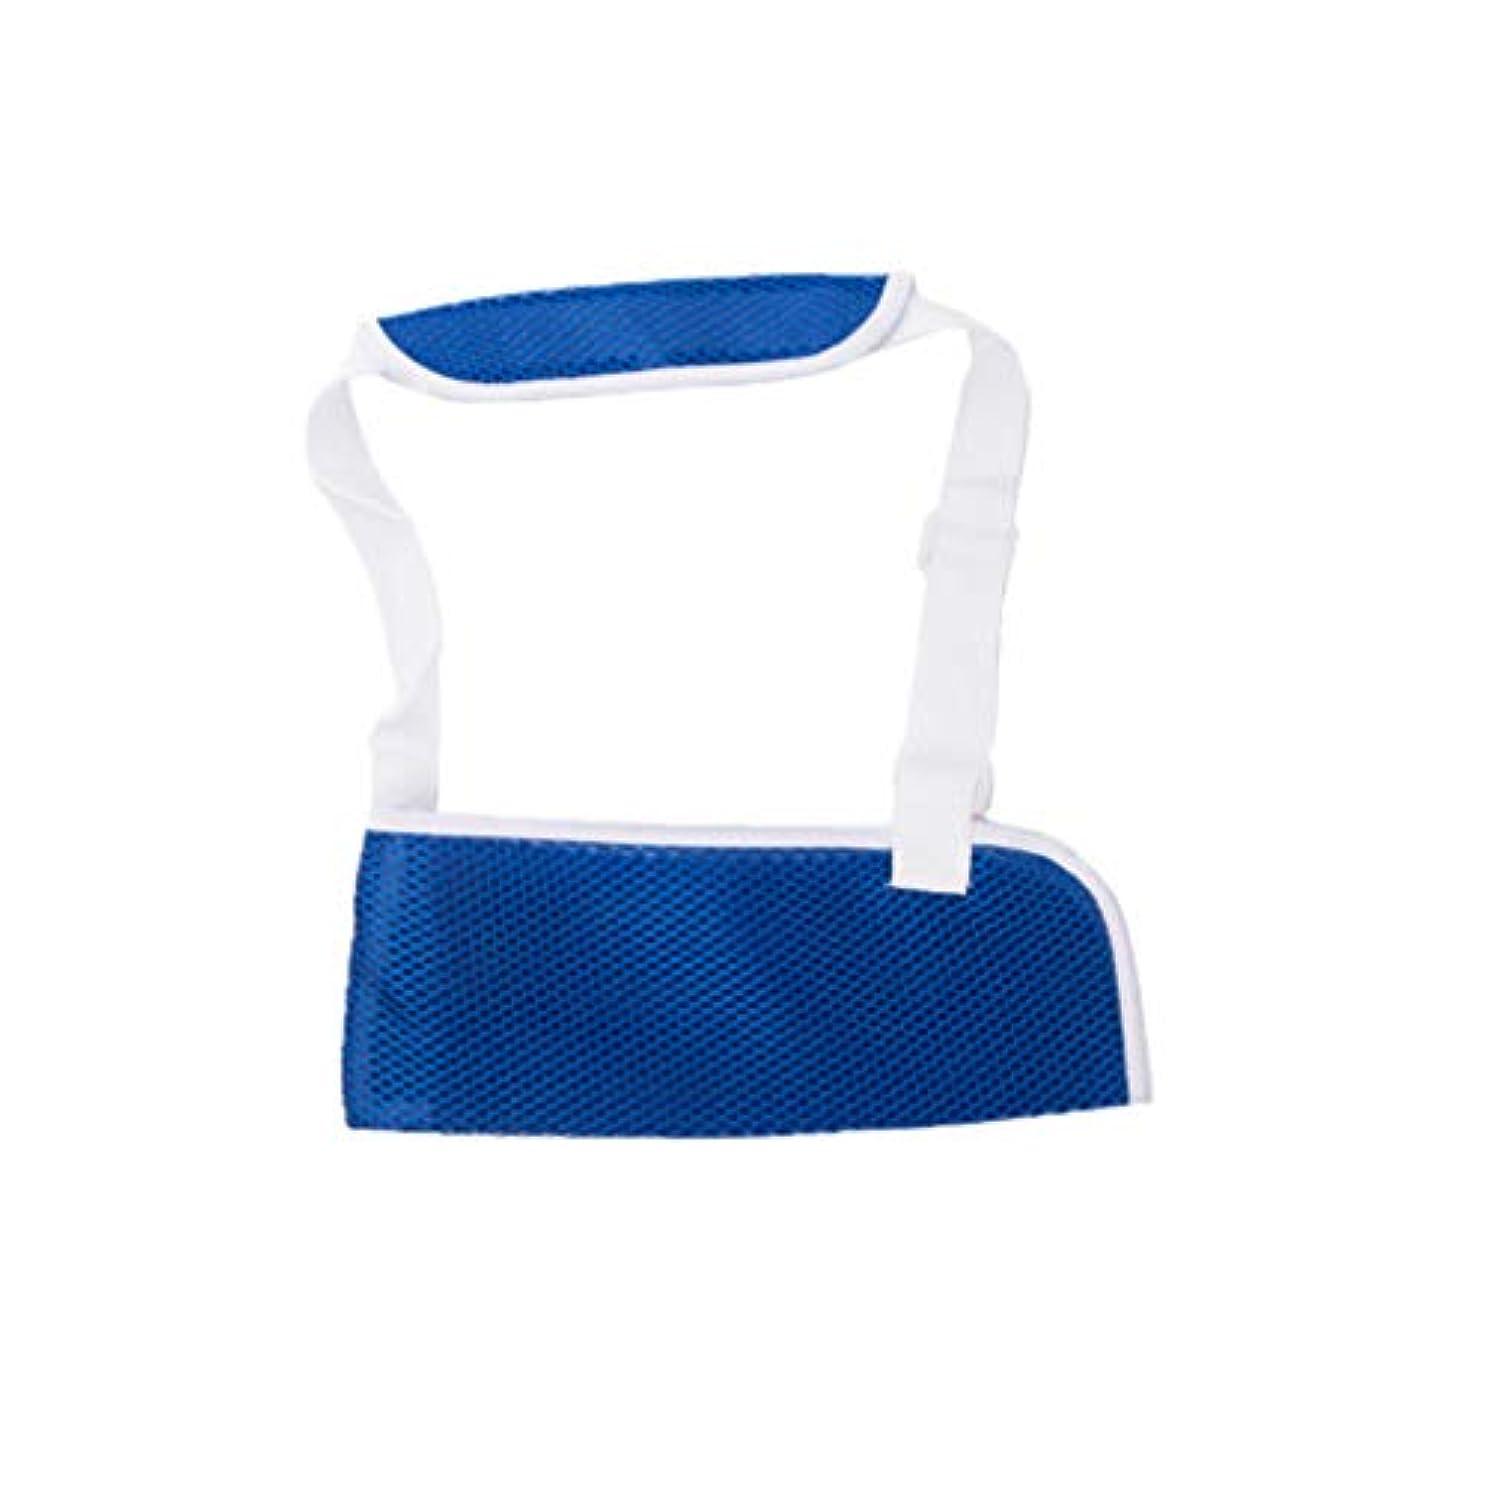 破壊するハドルビュッフェHeallily アームスリング1ピース調節可能なアームスリング肩サポートスプリットストラップ付き通気性のある手首の肘サポート子供の脱臼、骨折、捻rain、骨折した腕(サイズl)